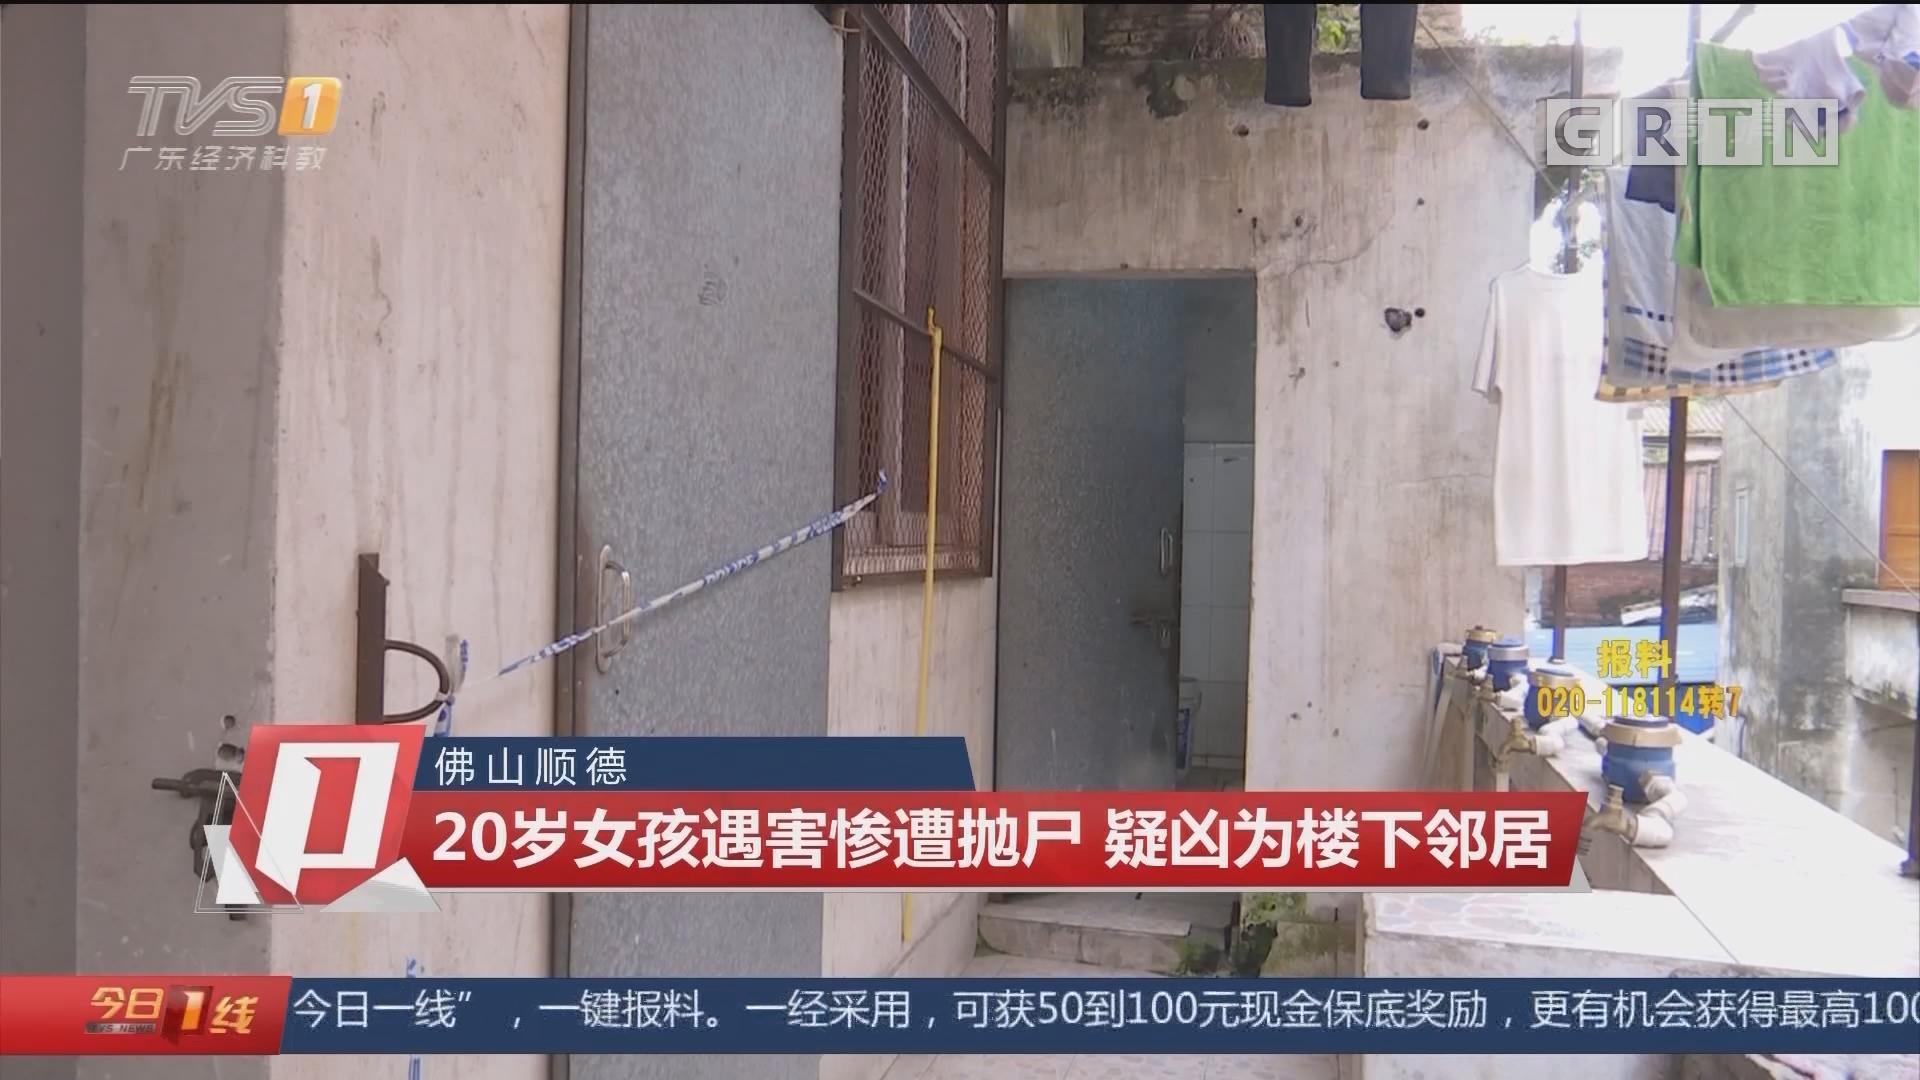 佛山顺德:20岁女孩遇害惨遭抛尸 疑凶为楼下邻居